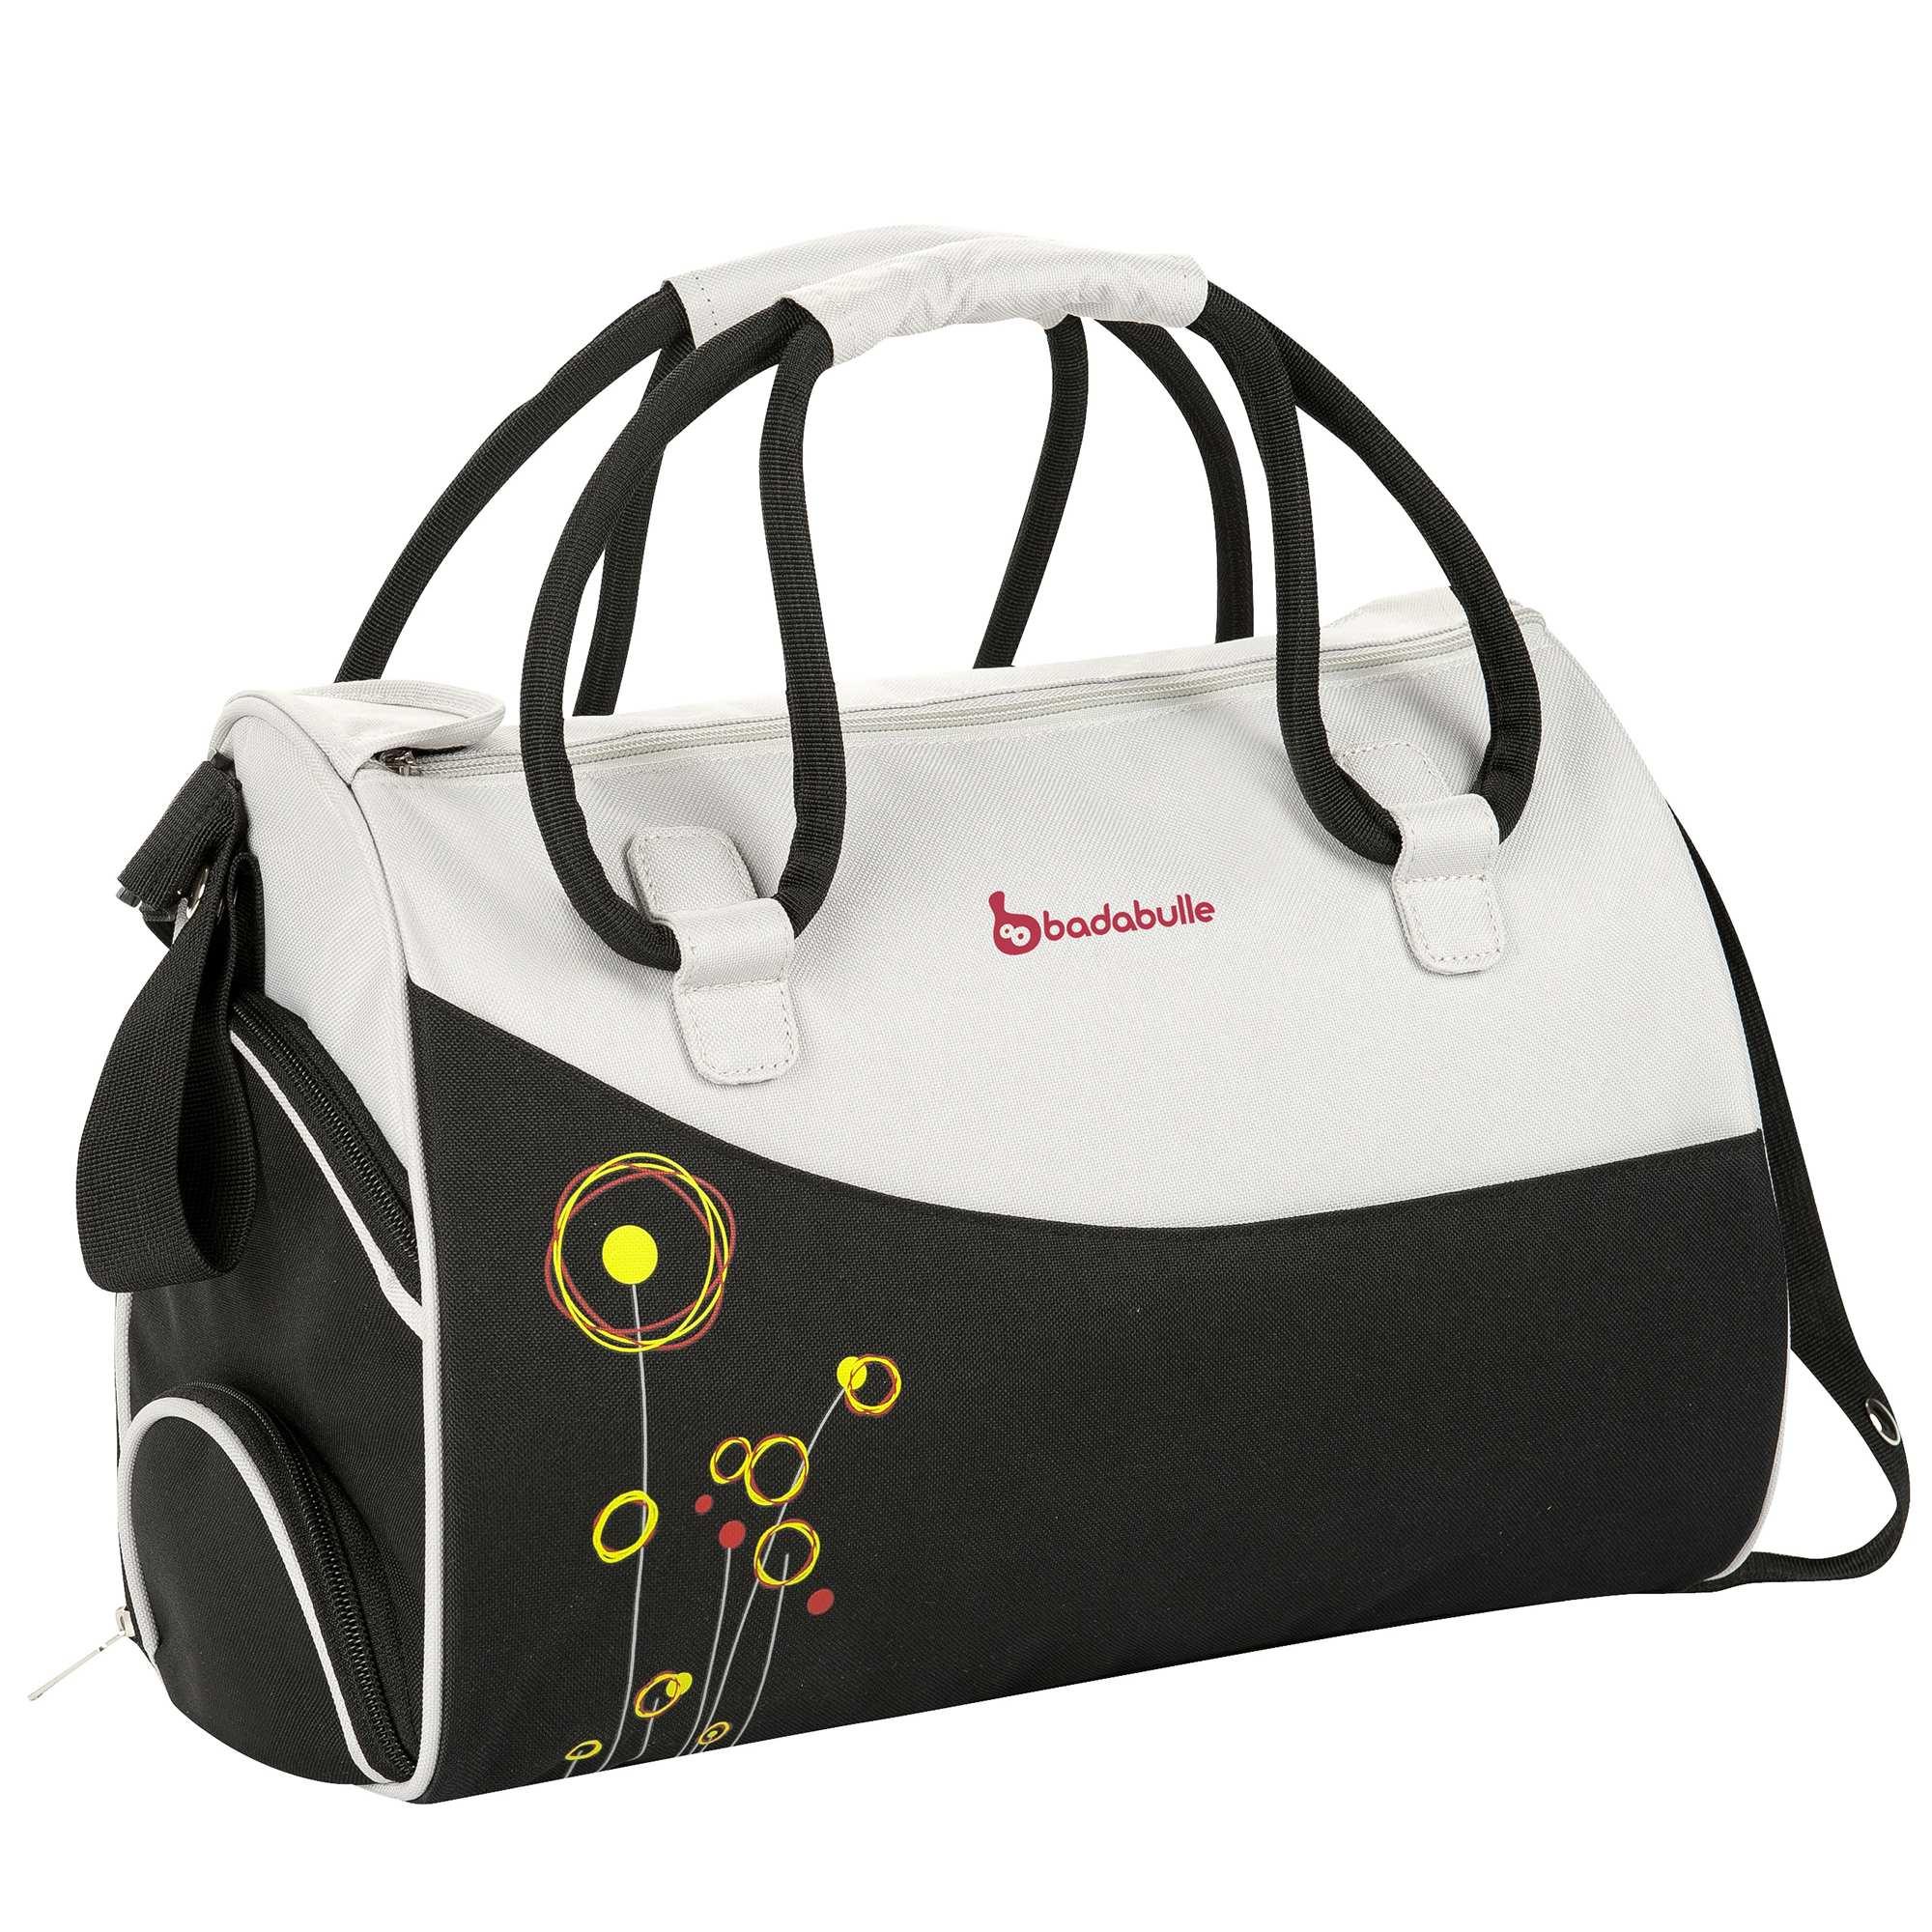 Couleur : gris/anis, gris/prune, noir/gris,, - Taille : TU, , ,,Ce sac à langer très pratique sera votre allié et celui de bébé dans tous vos